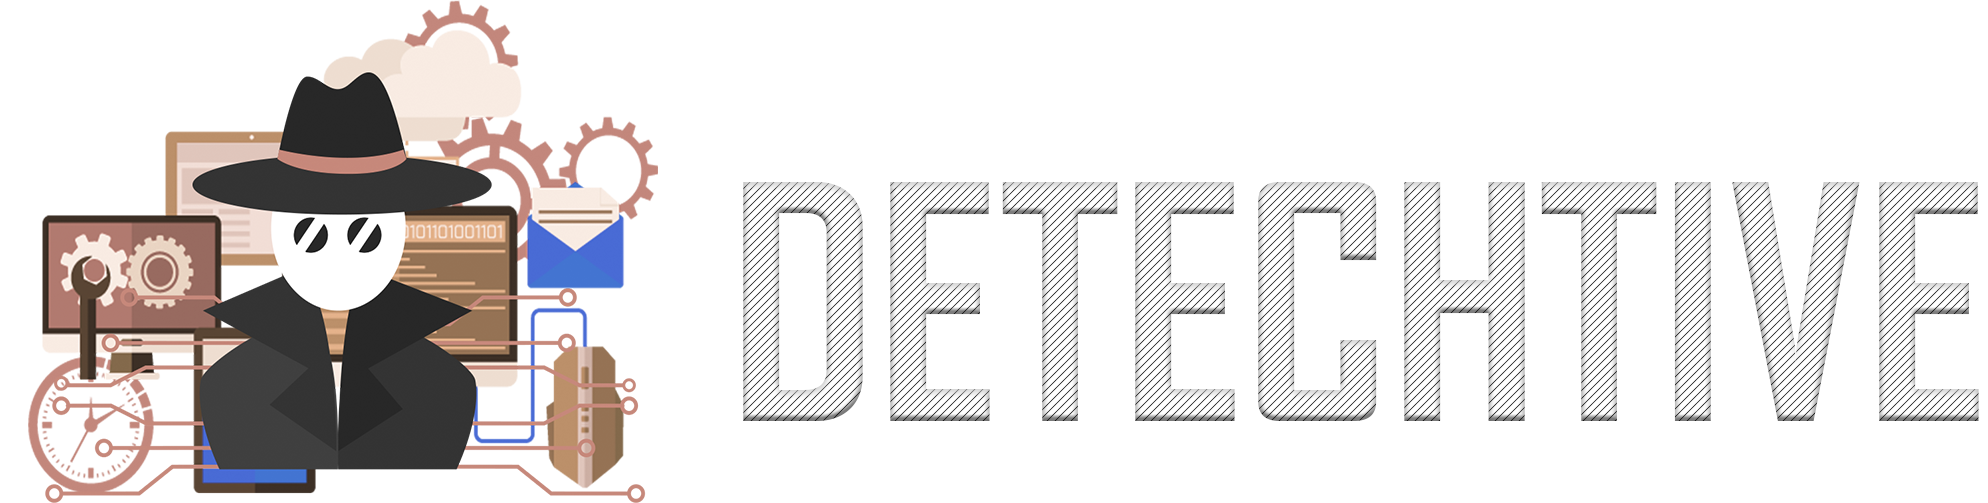 Mr. DeTechTive